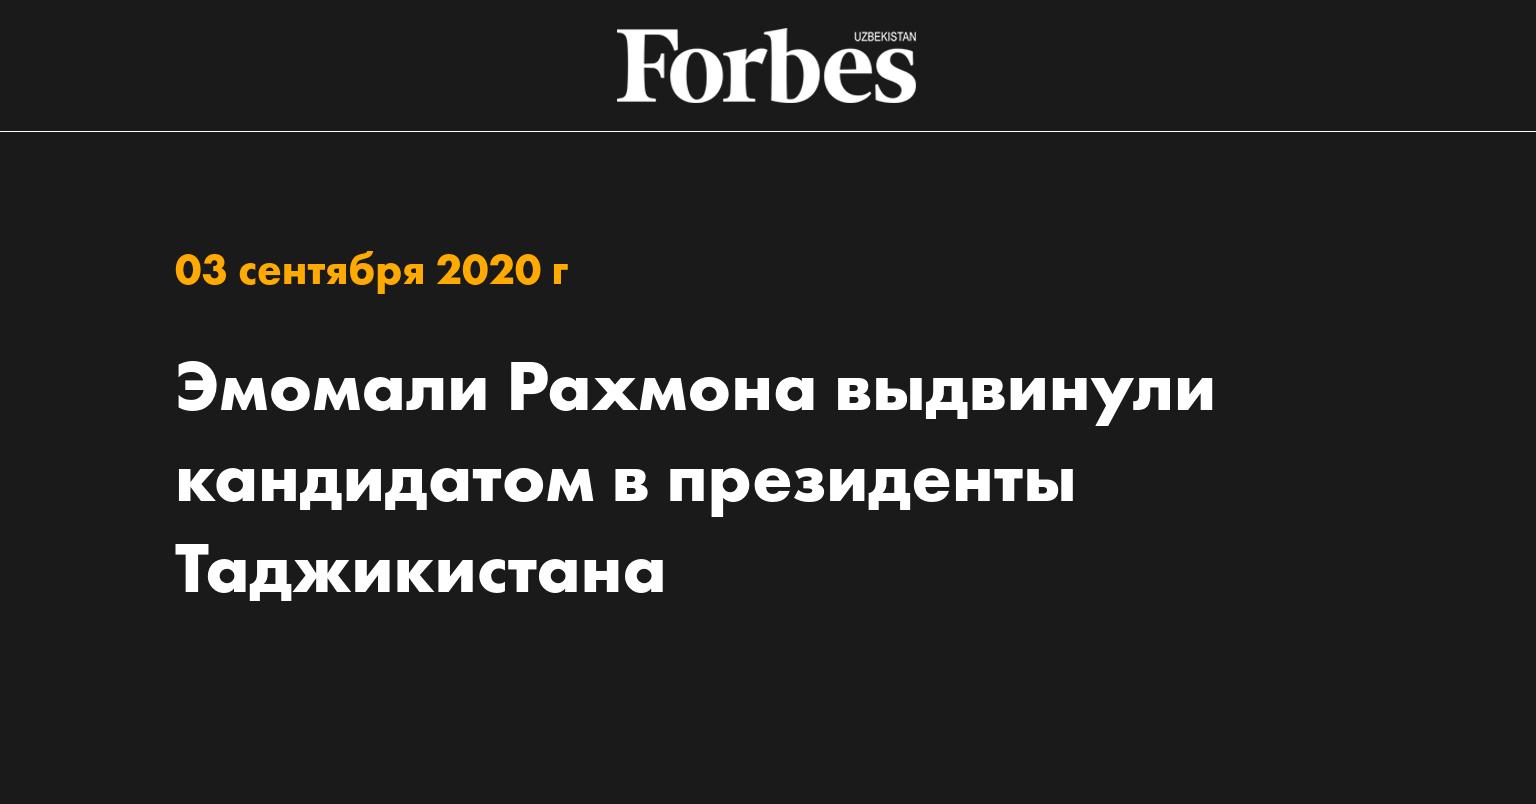 Эмомали Рахмона выдвинули кандидатом в президенты Таджикистана